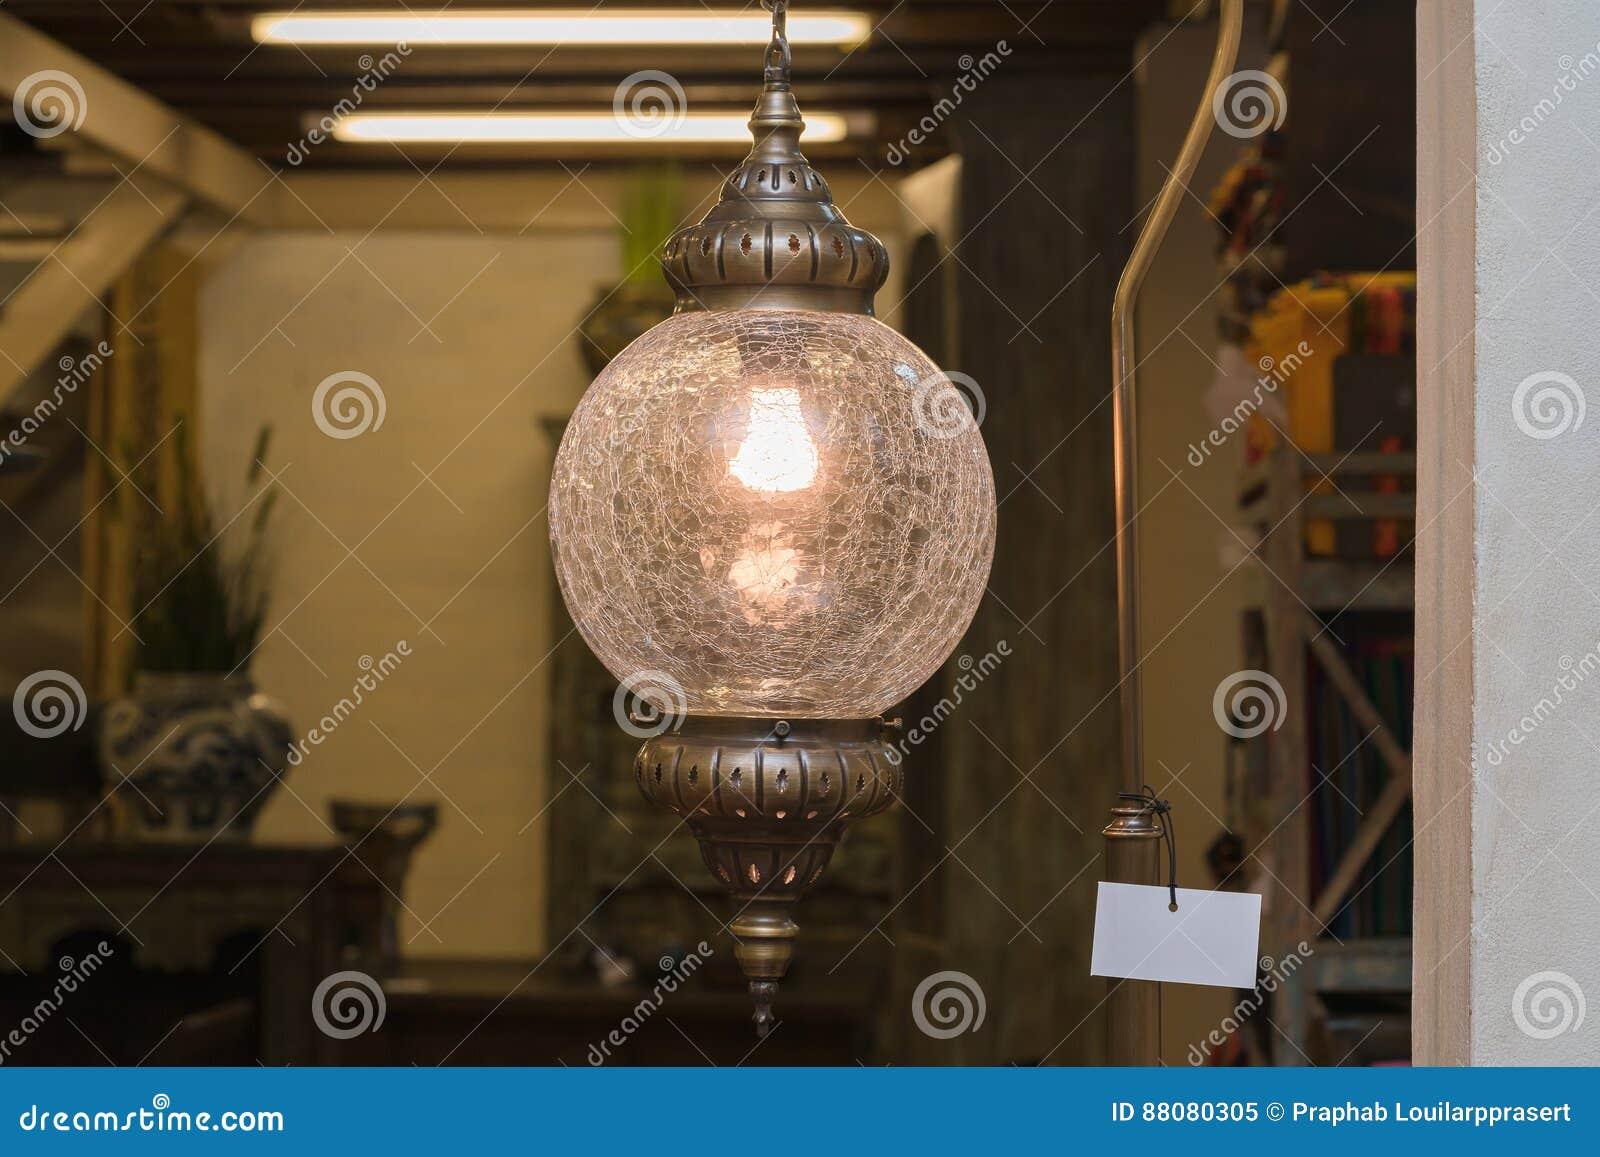 Lampen Oosterse Stijl : Arabische lampen oosterse traditionele herinneringen stock